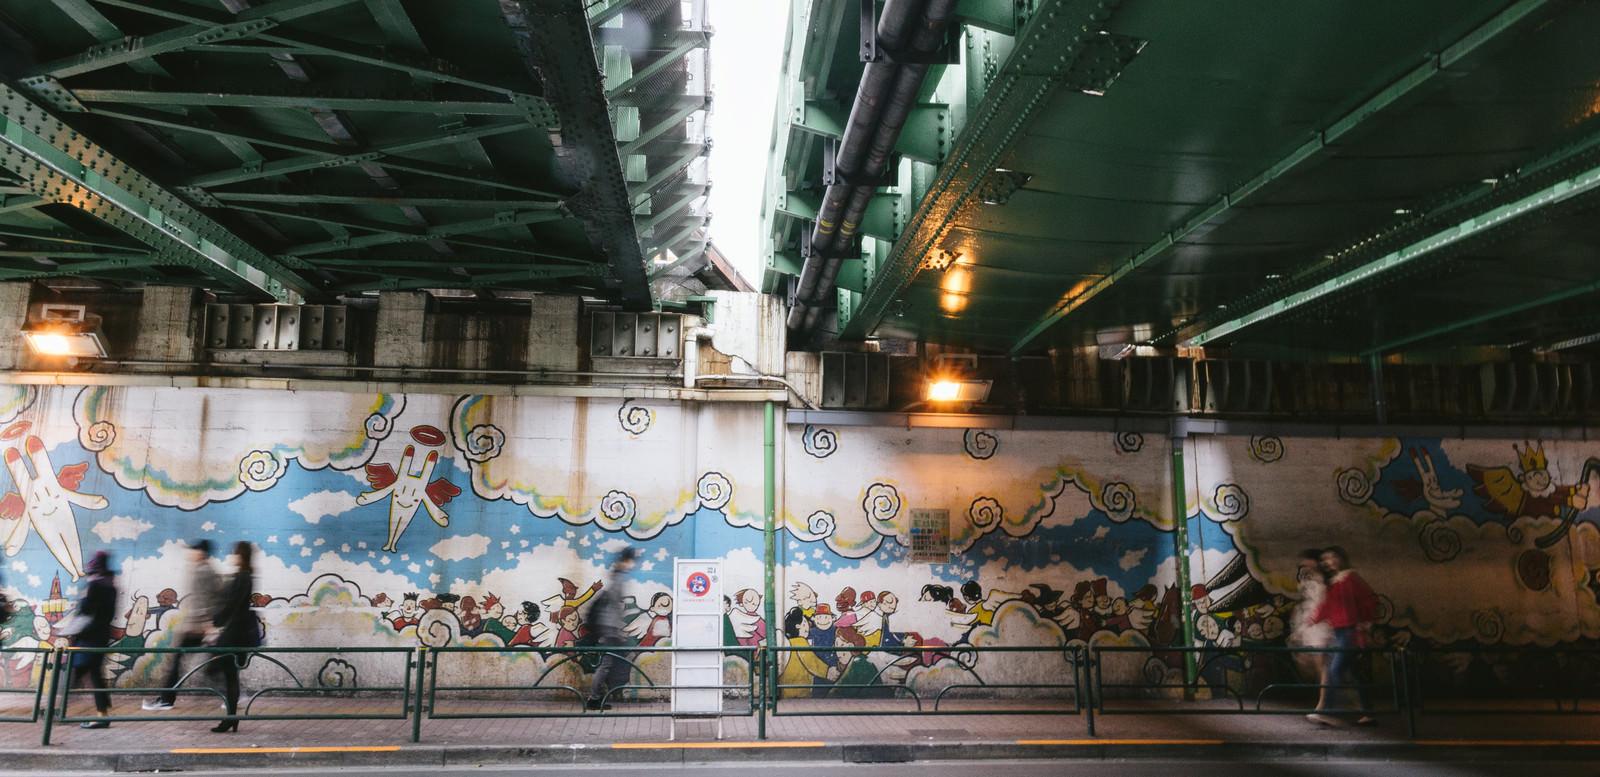 「新大久保駅前のガード下にある壁画」の写真